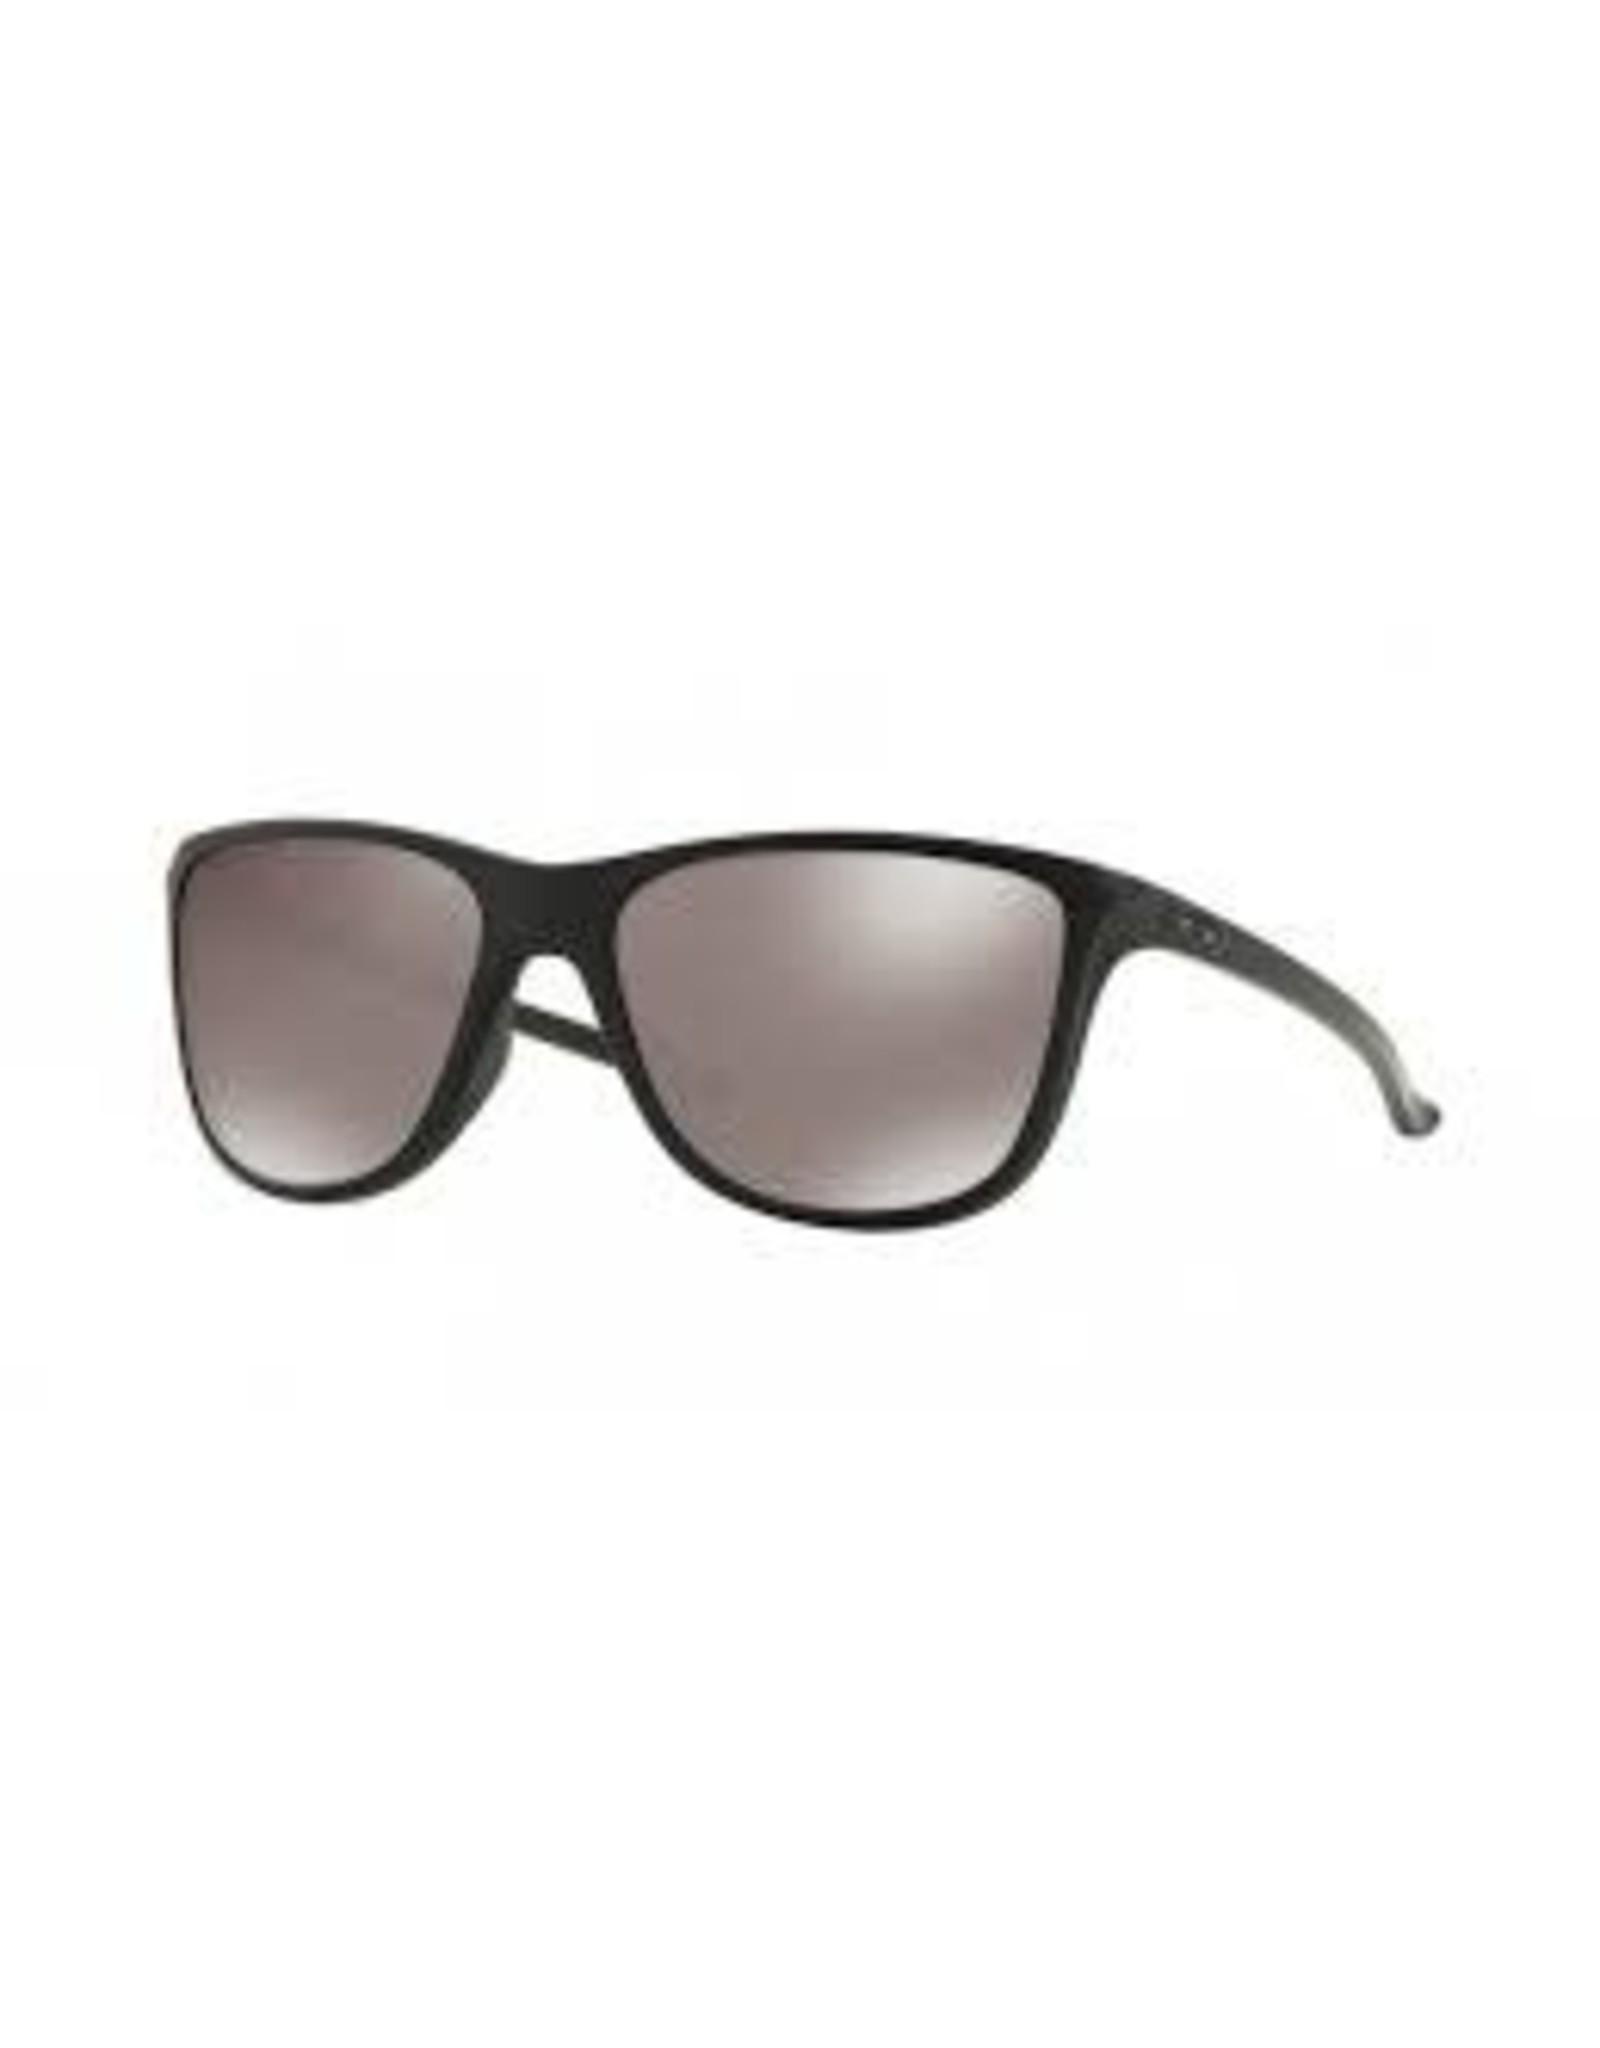 Oakley Oakley - lunette soleil reverie matte black P